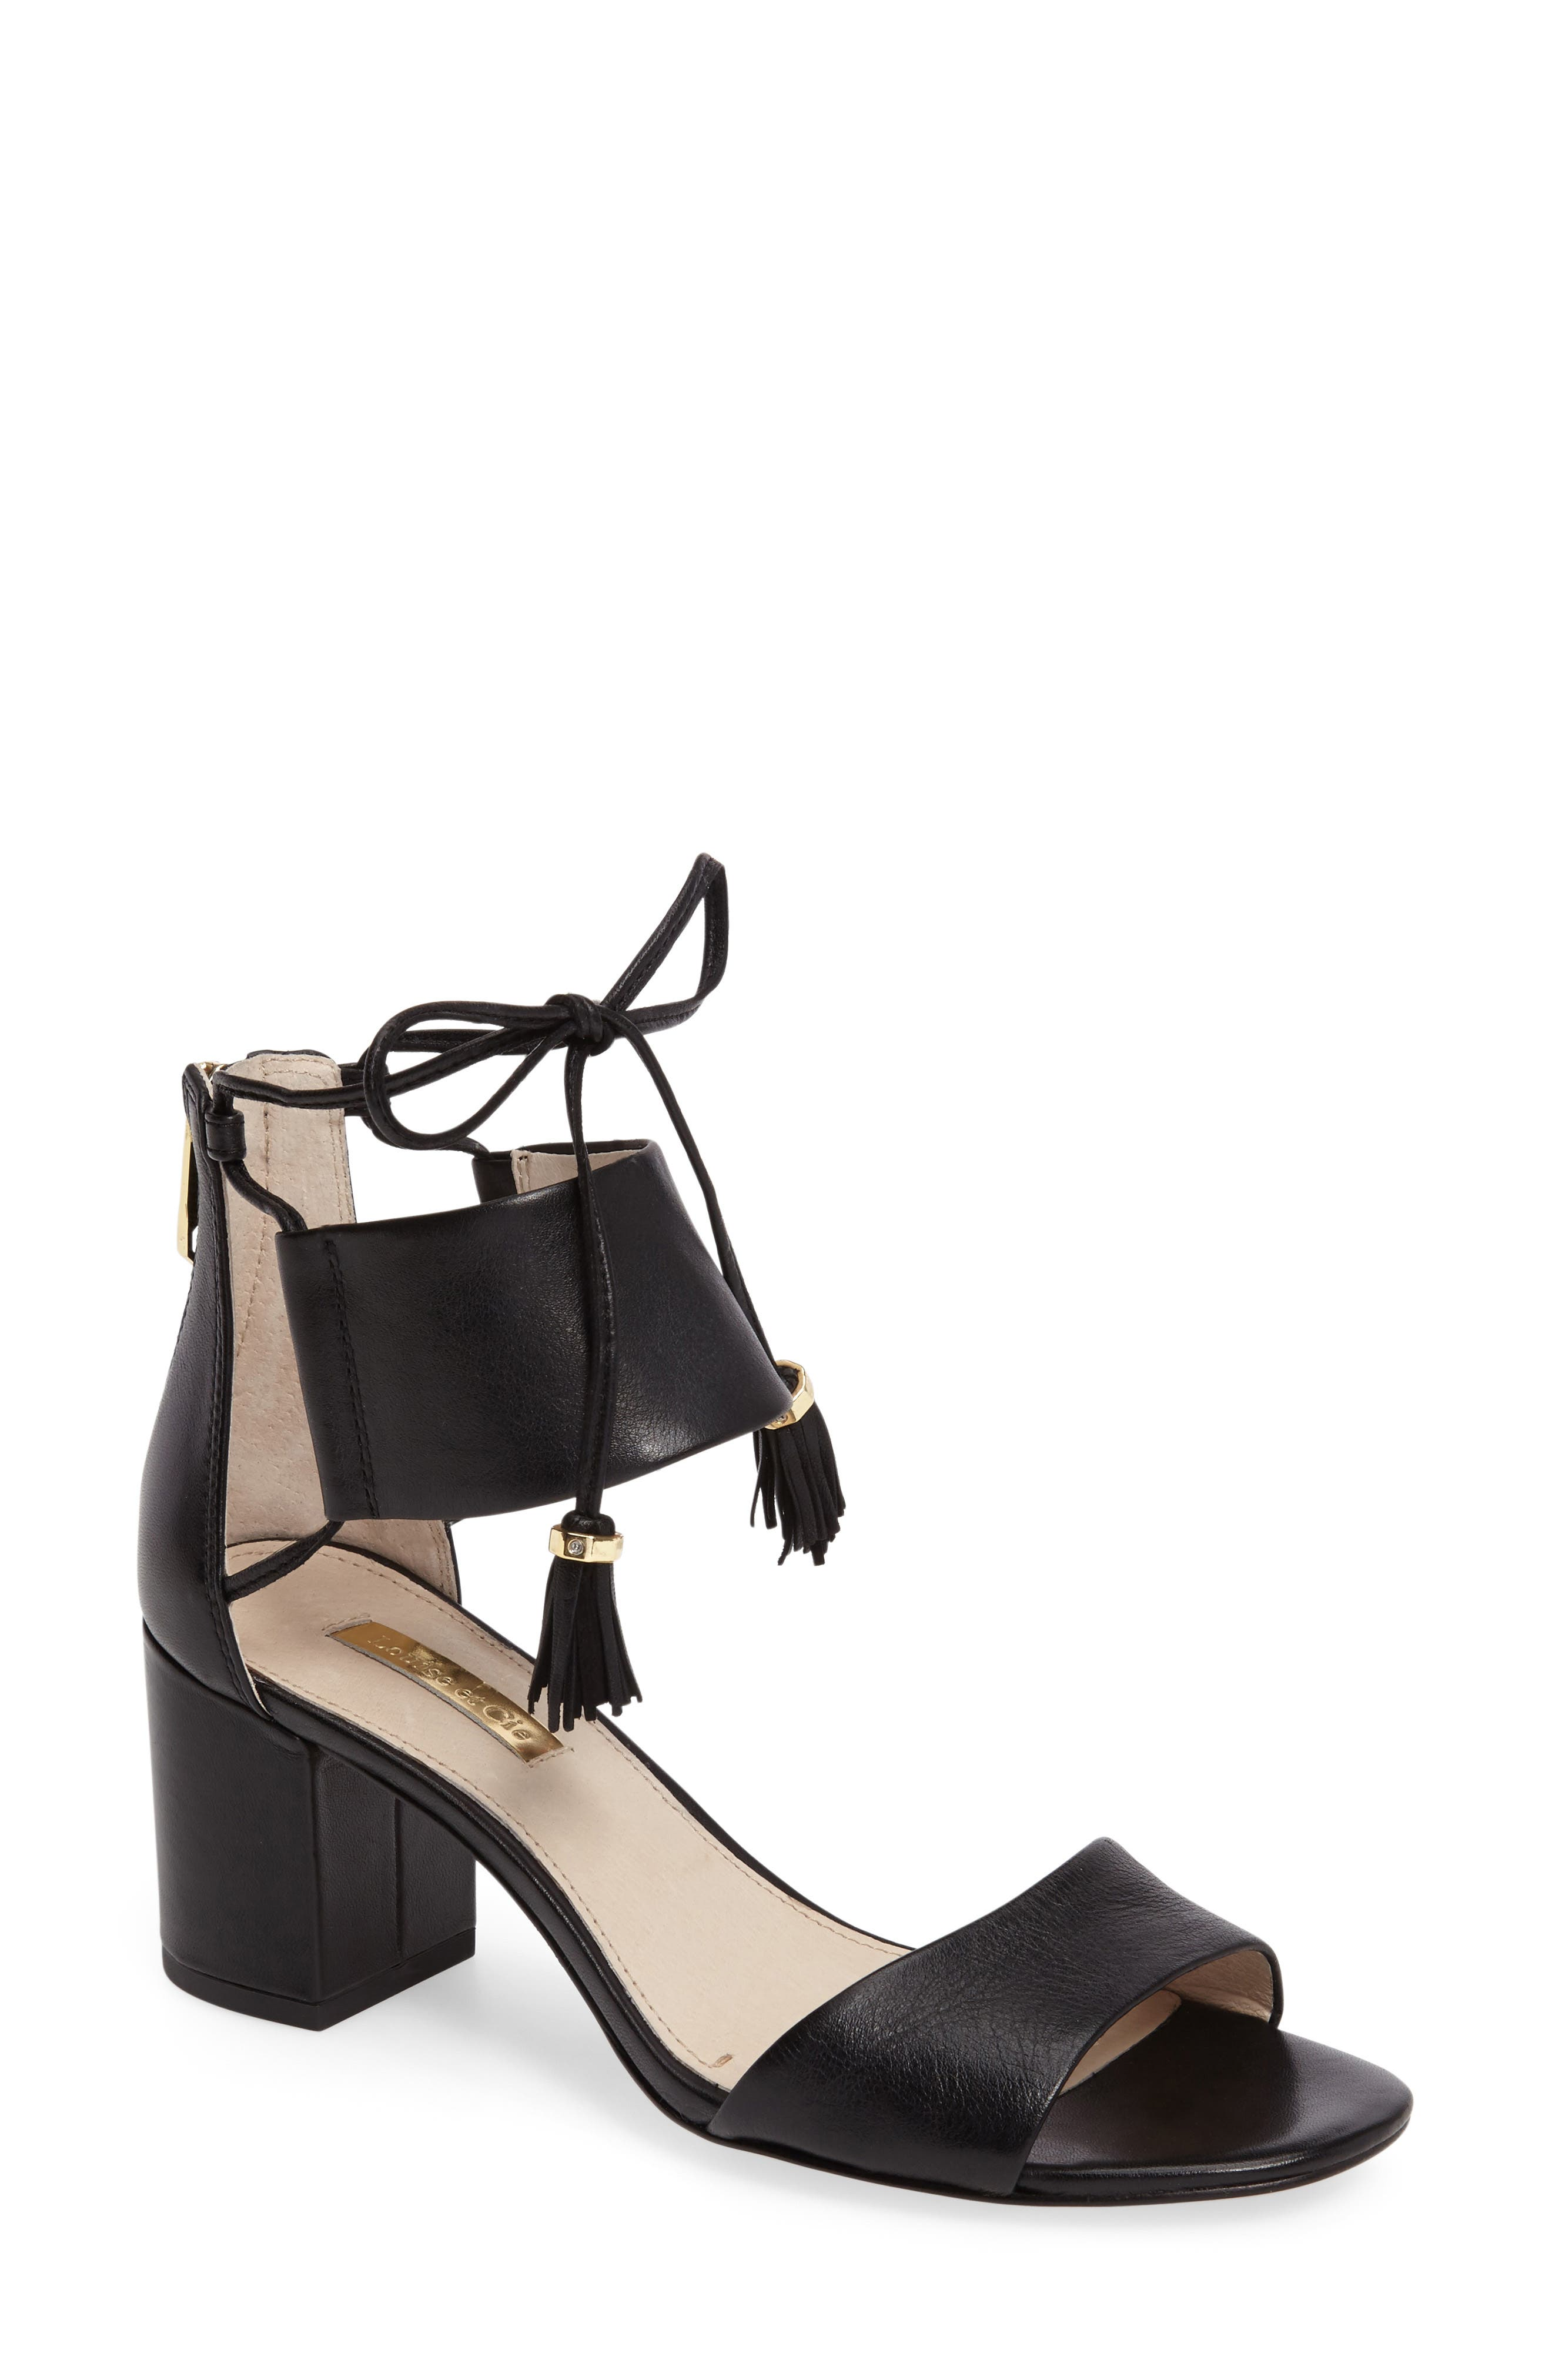 Alternate Image 1 Selected - Louise et Cie Keegan Block Heel Sandal (Women)